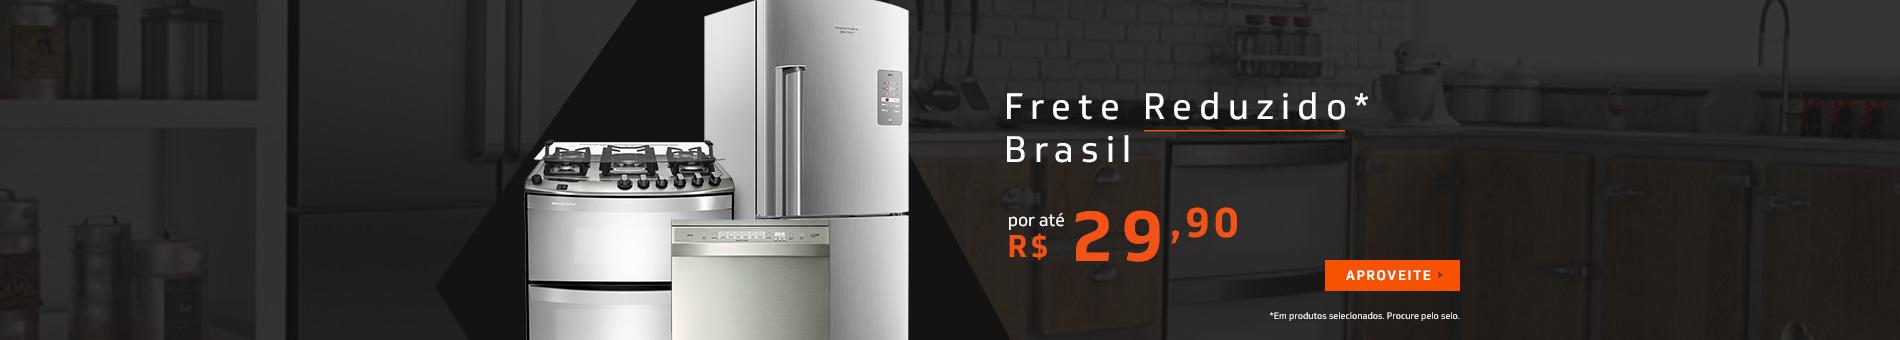 Promoção Interna - 2132 - camp-brastemp2_fretereduzido_19092017_home2 - fretereduzido - 2